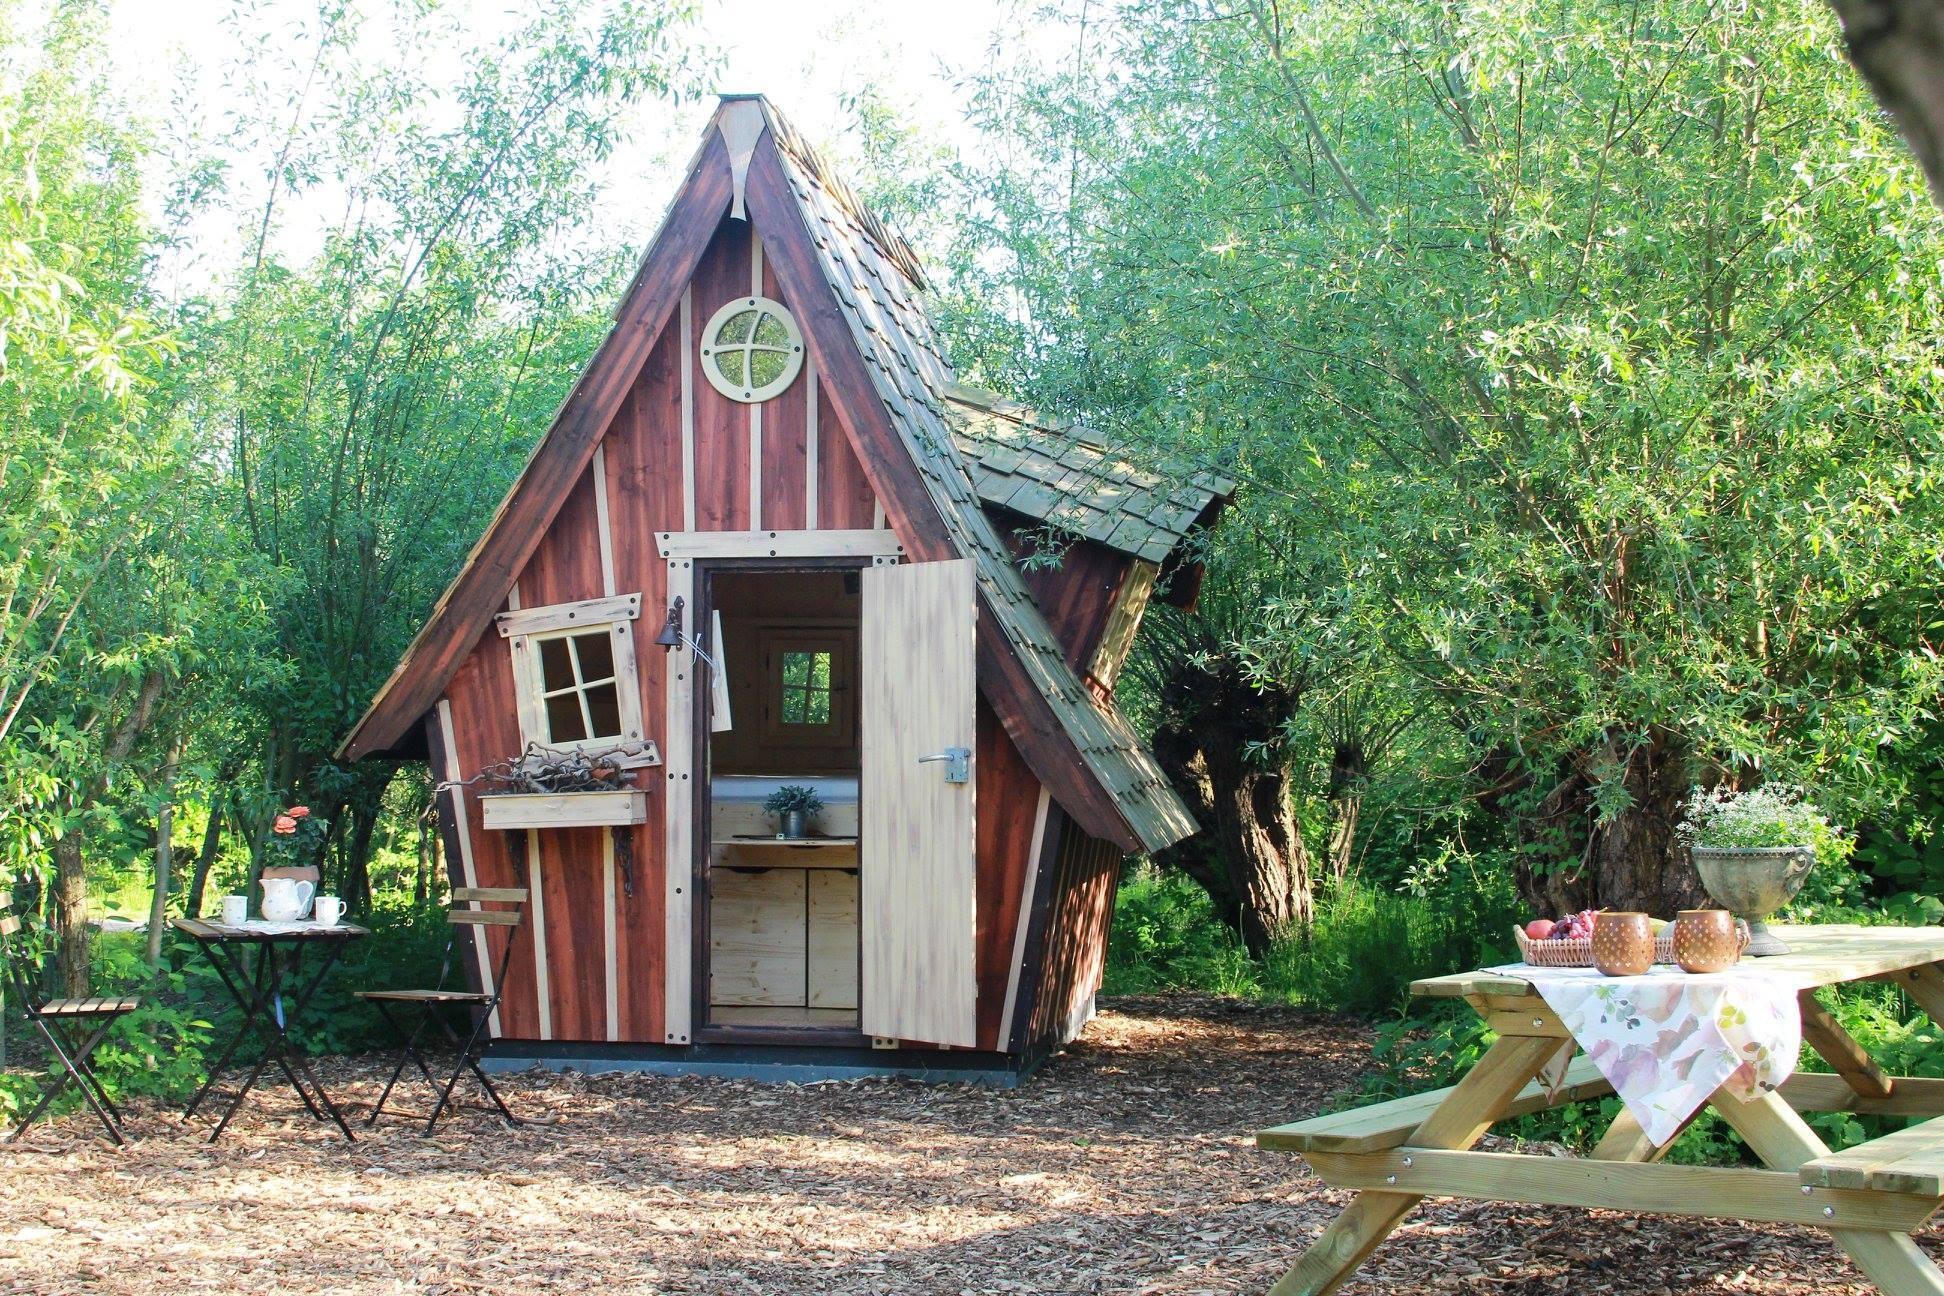 Hexenhäuschen - Übernachtungsmöglichkeit im Gartenschaupark Rietberg